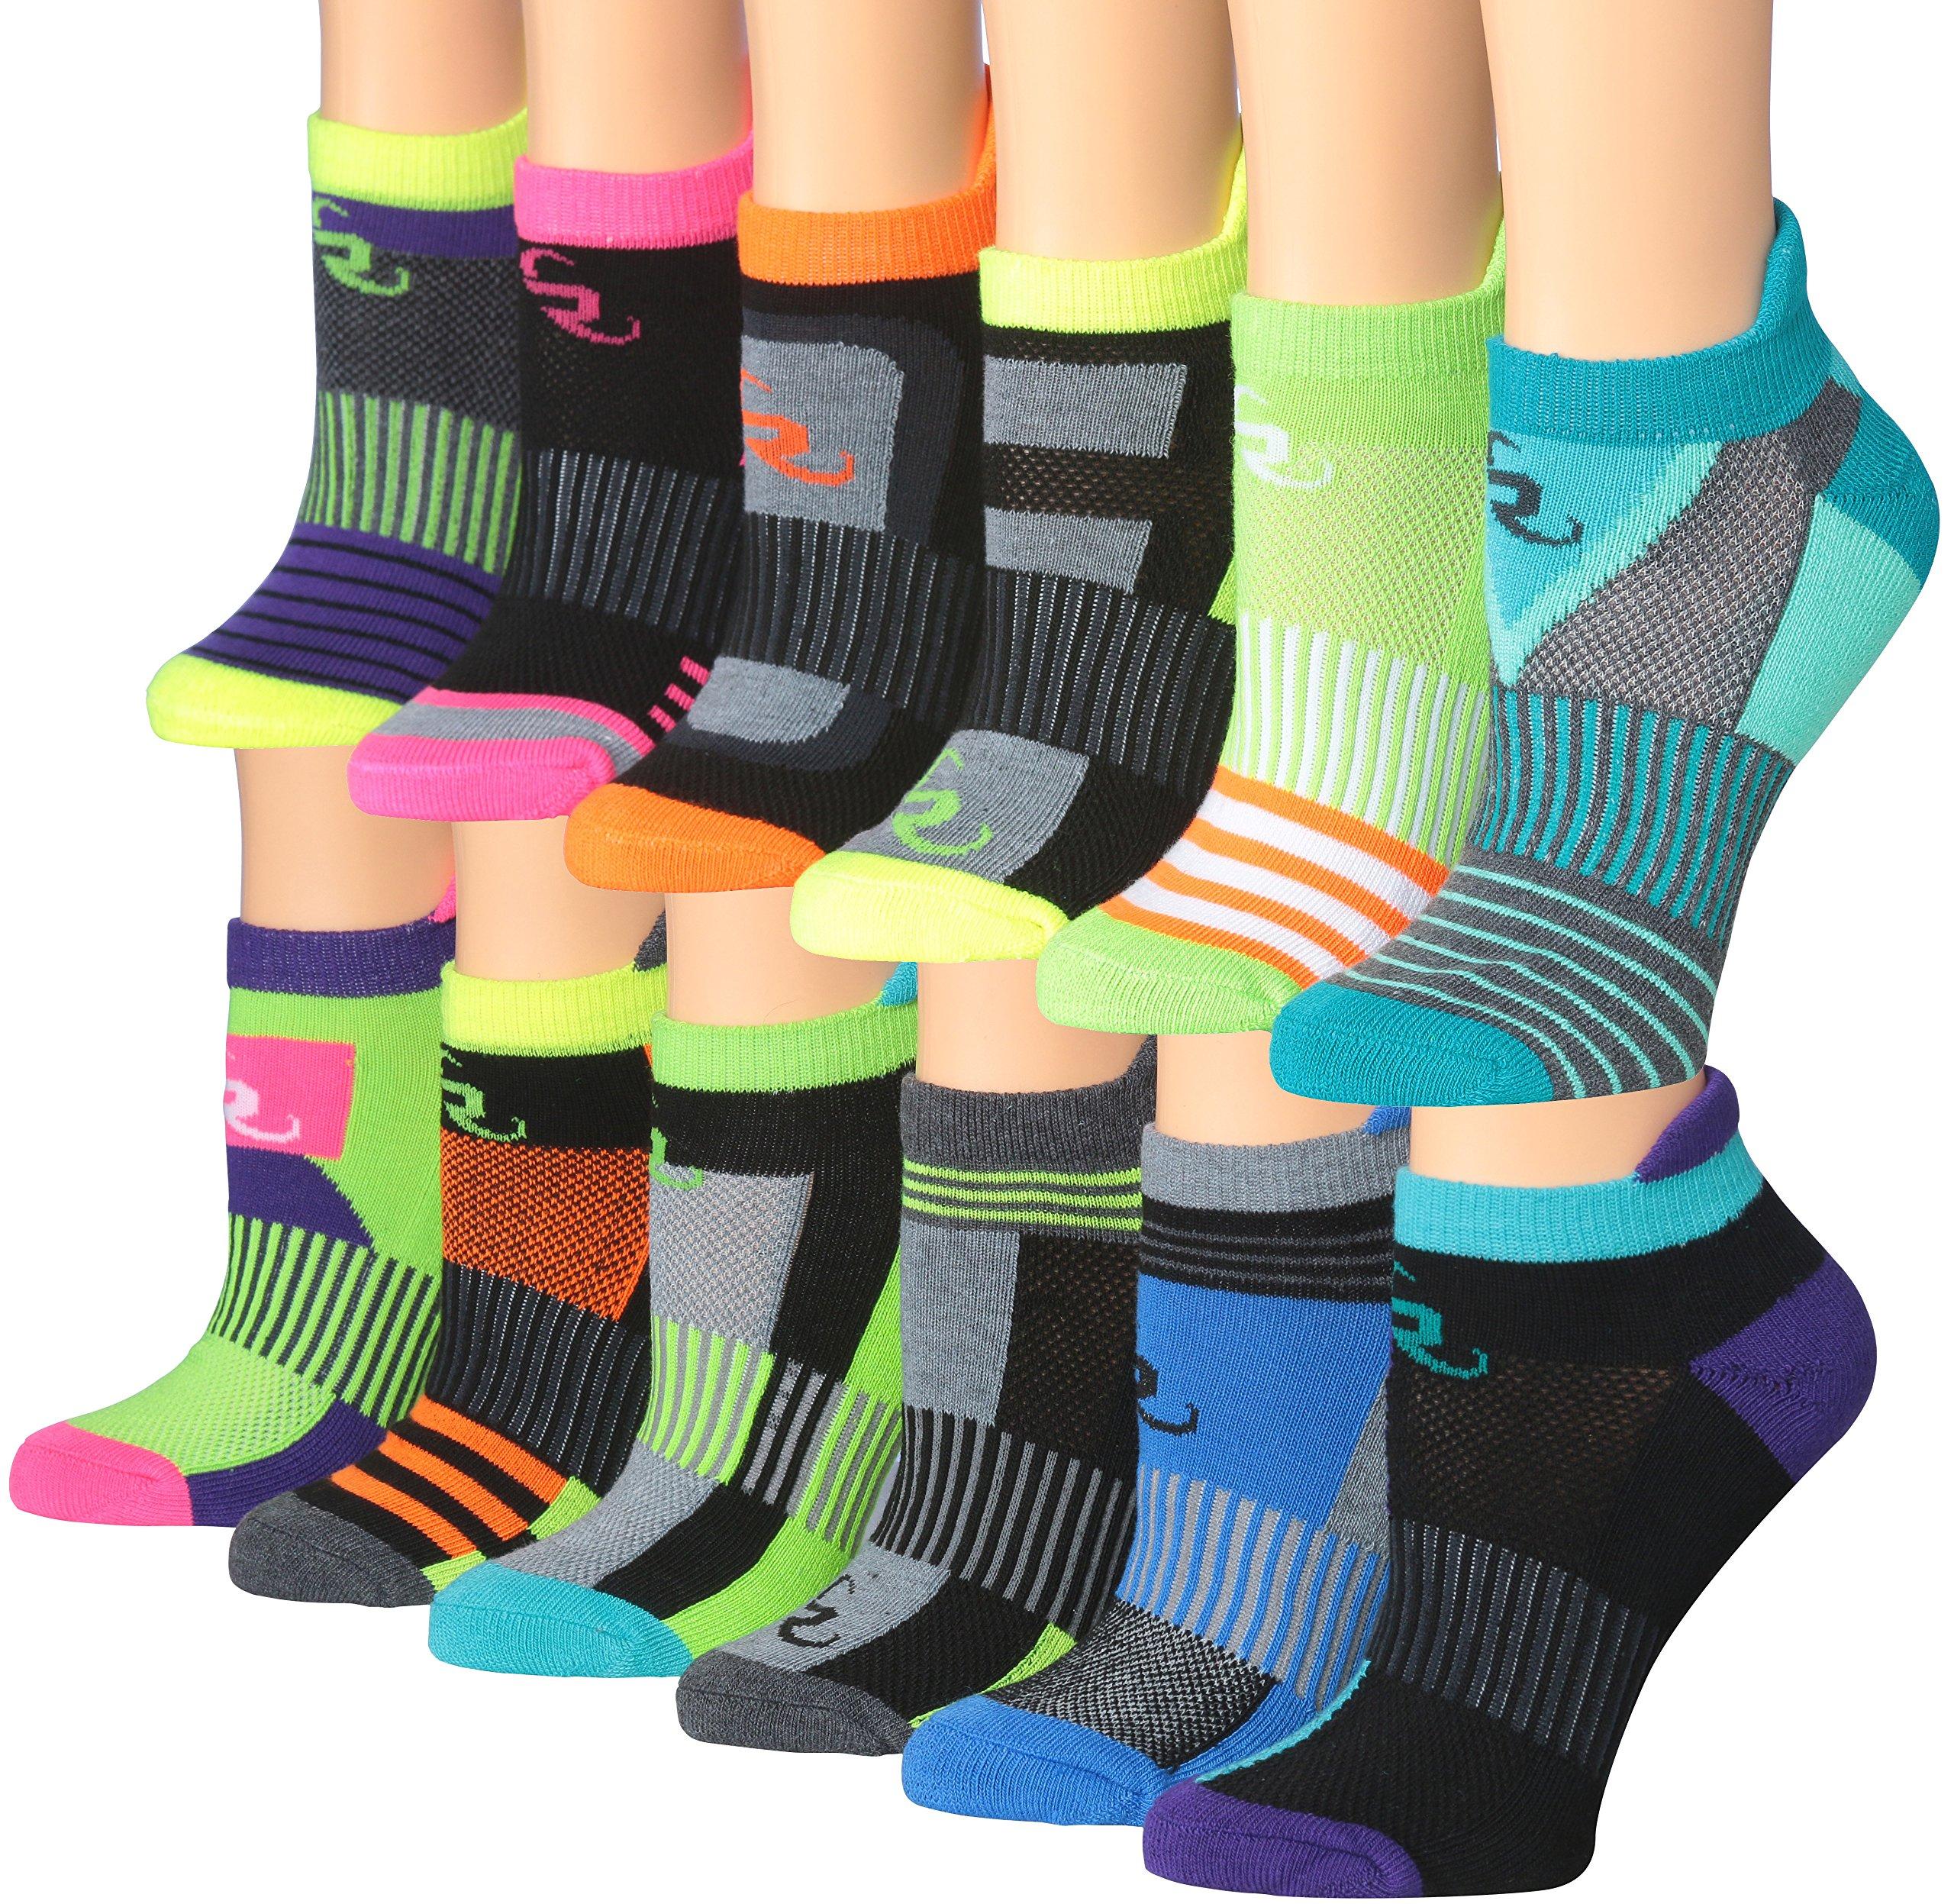 Ronnox Women's 12-Pairs Low Cut Running & Athletic Performance Tab Socks Medium/Large RLT14-AB-ML by RONNOX